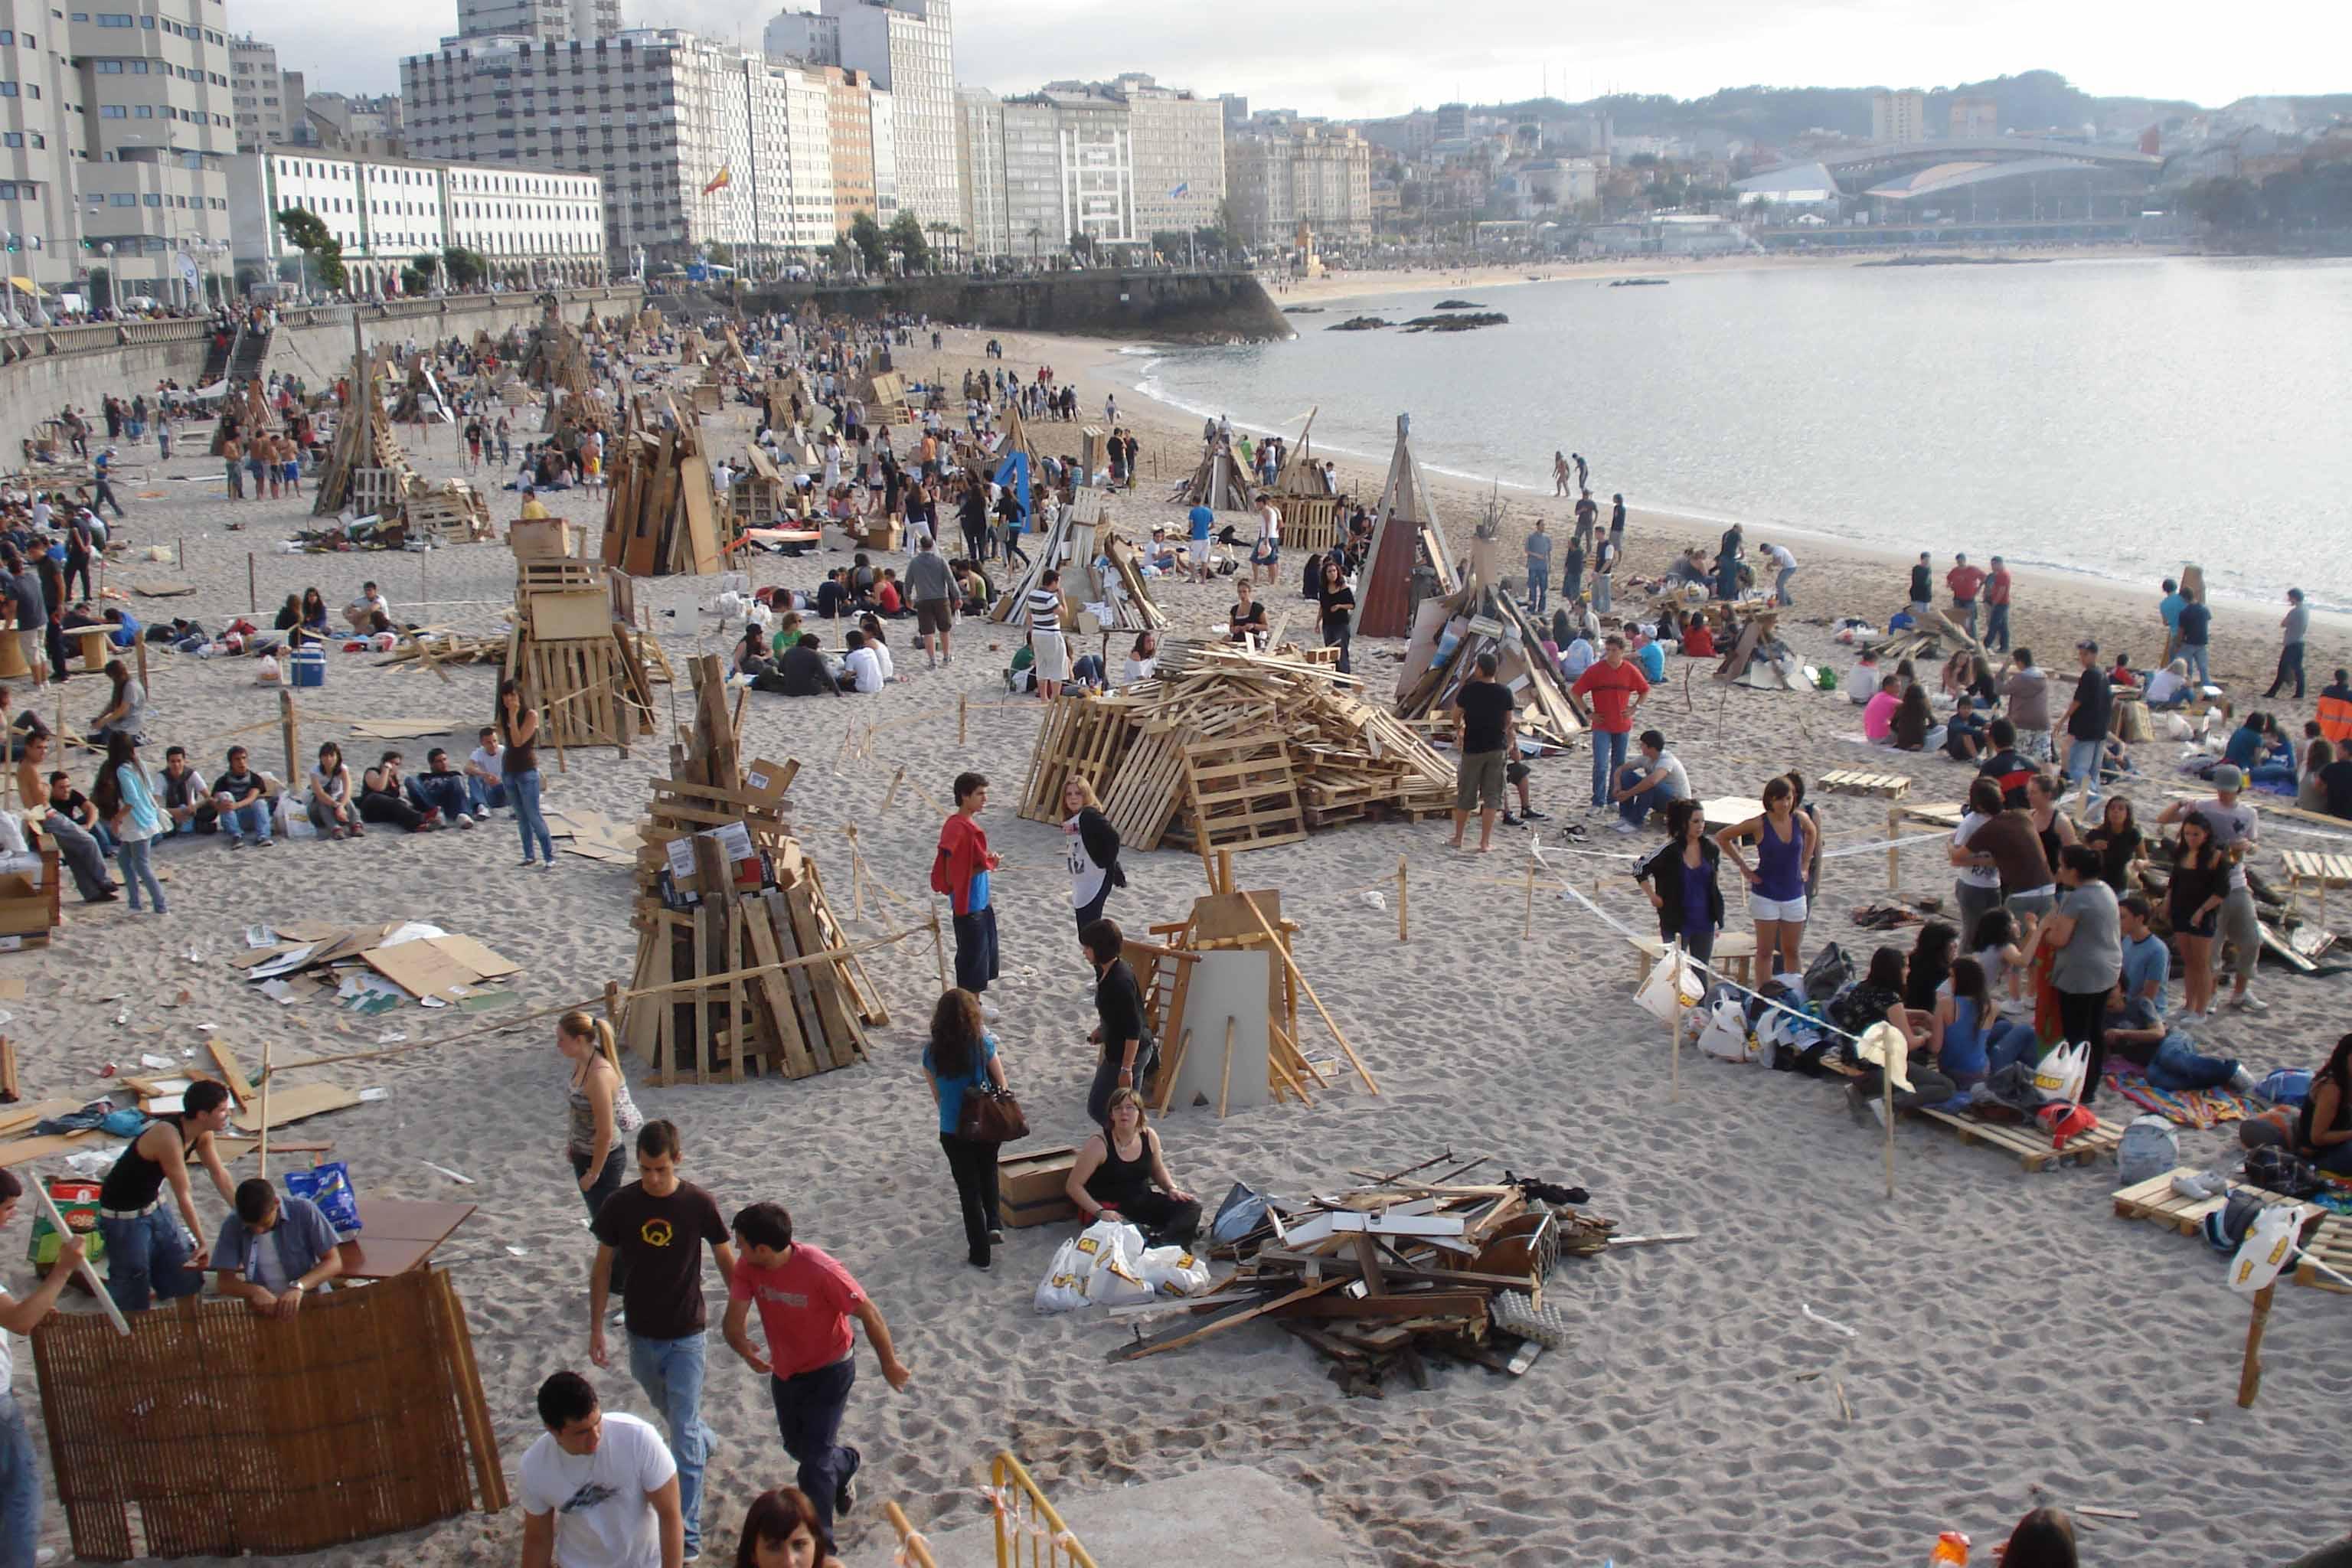 Piras De madera, futuras hogueras en la playa de Riazor. Foto: José Alejandro Carrillo Neira.